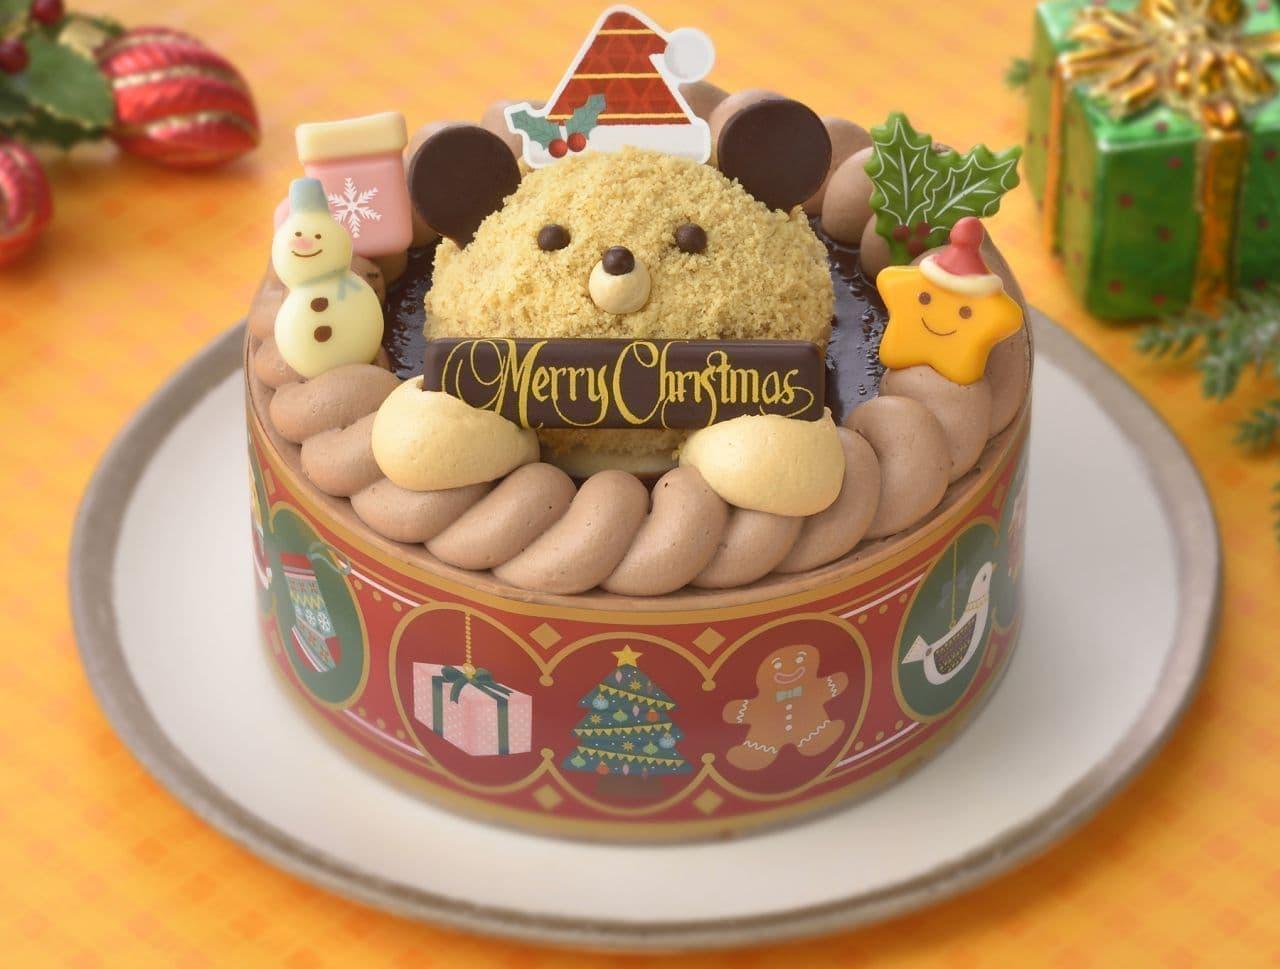 銀座コージーコーナー「くまさんのチョコレートケーキ(4.5号)」